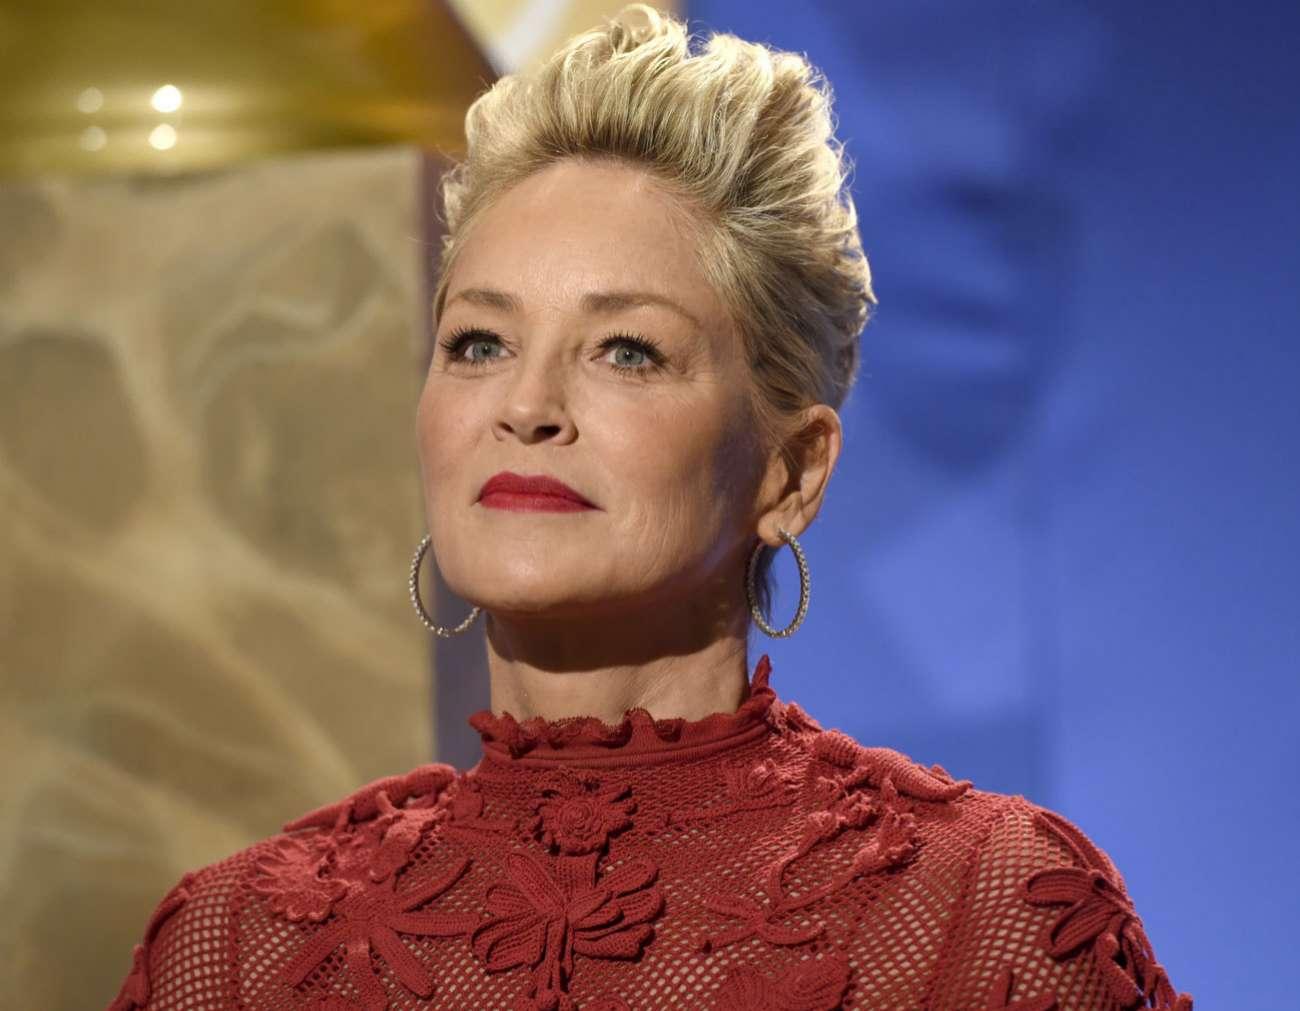 Sharon Stone cumple este viernes 60 años. Tan atractiva como siempre...